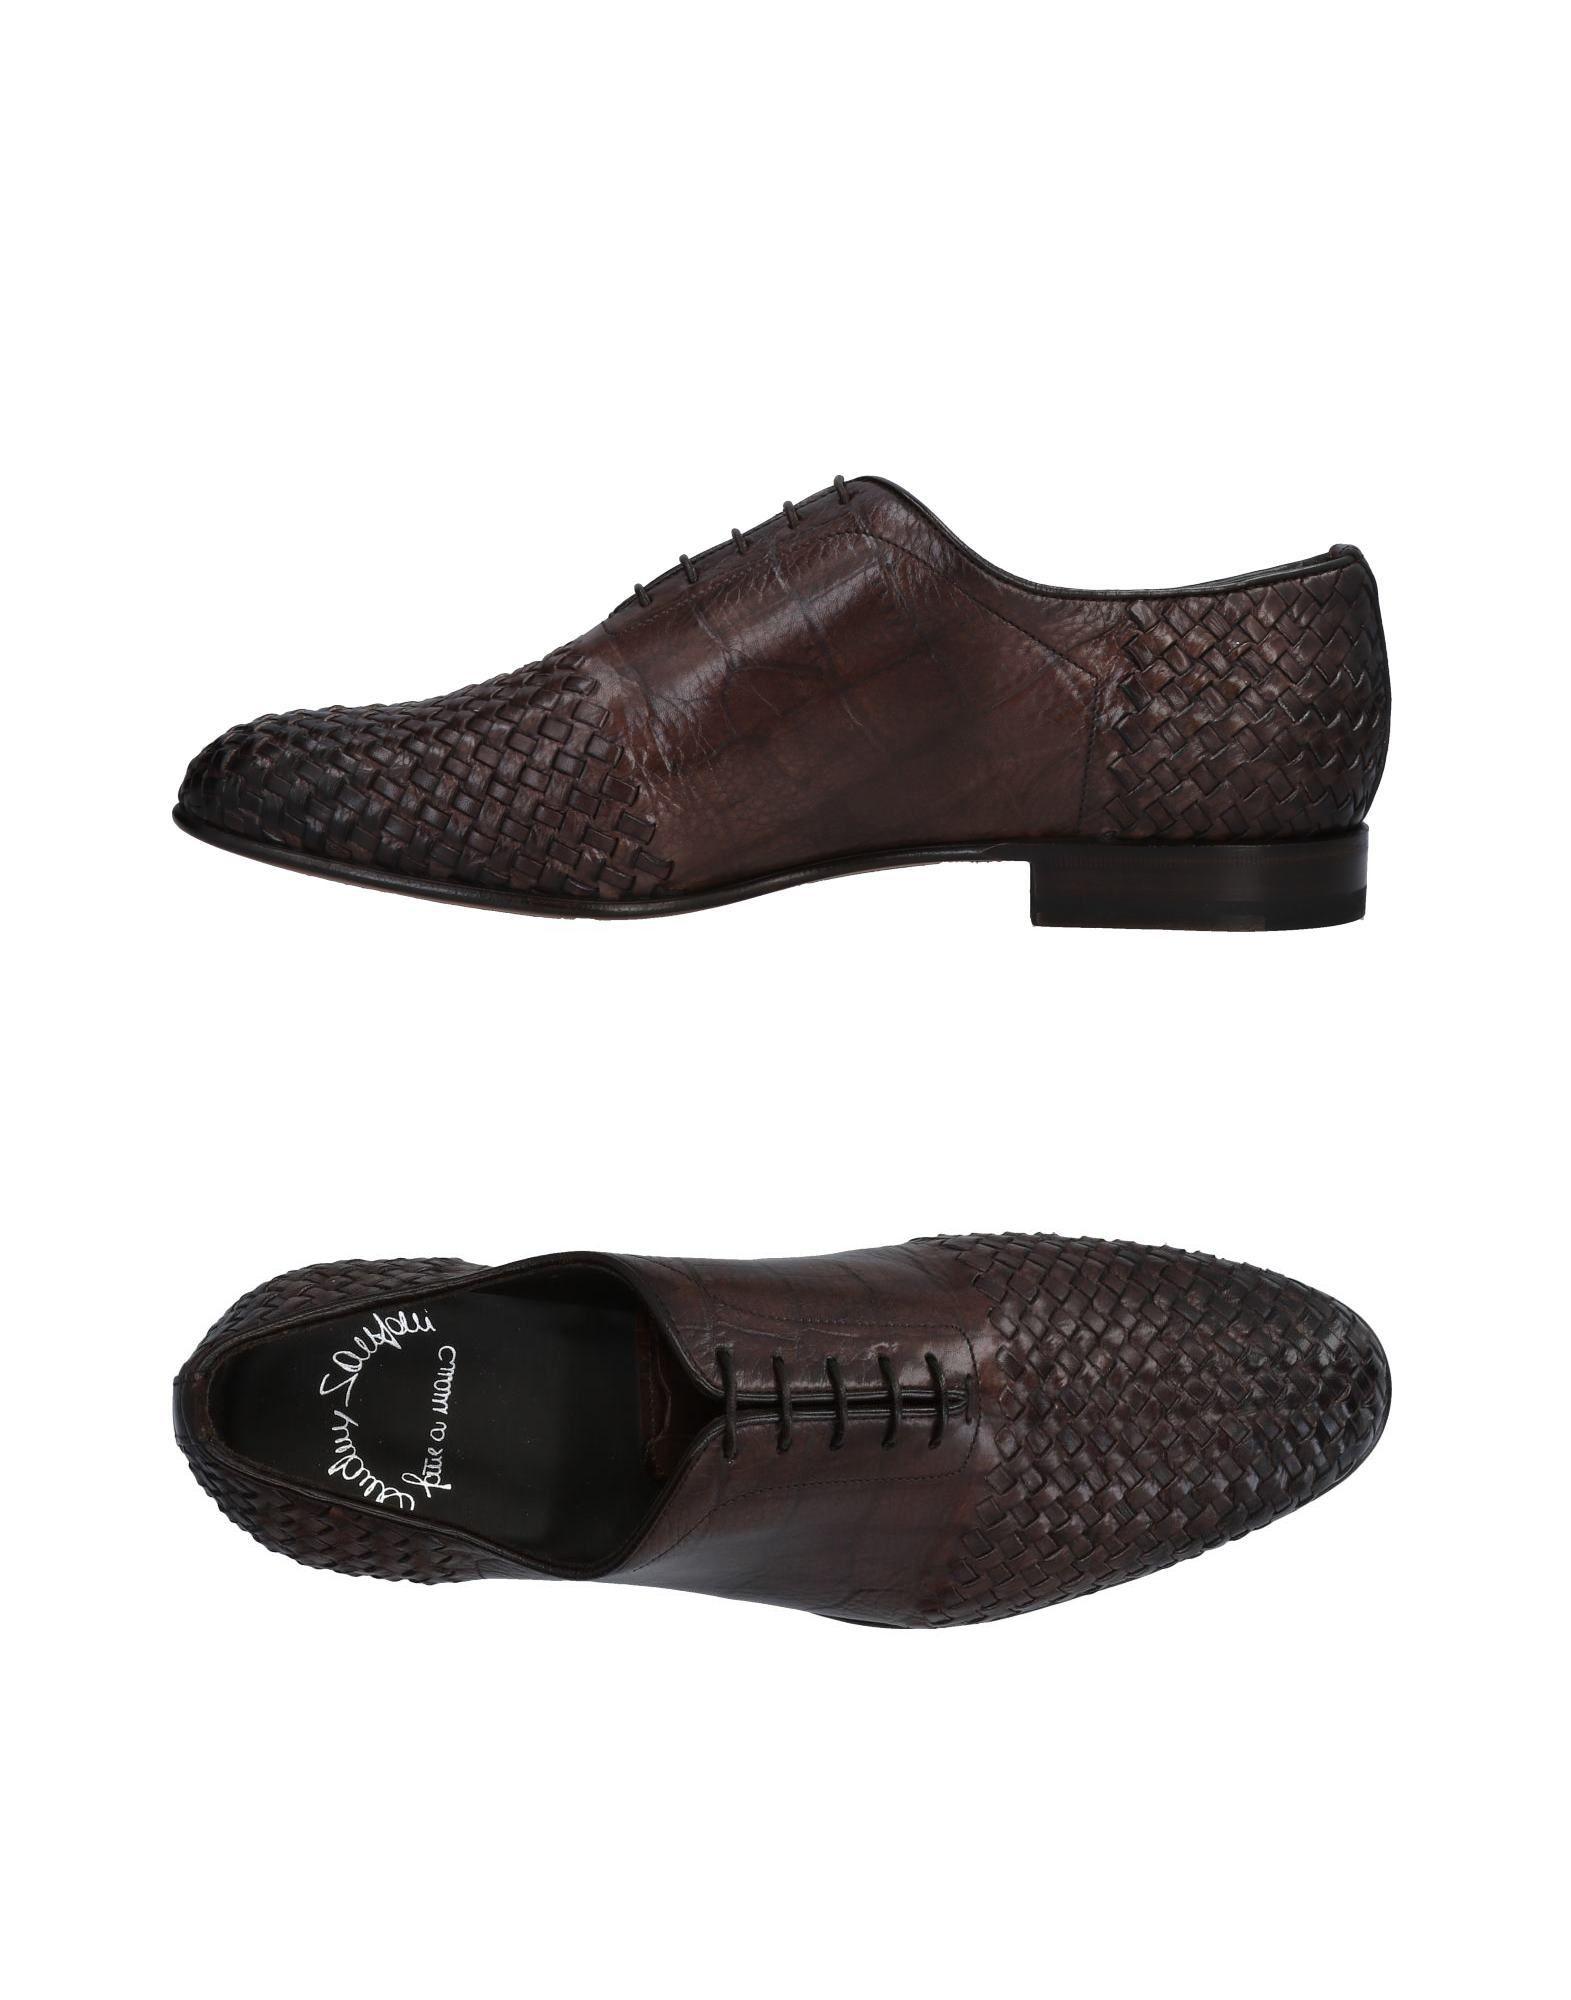 Santoni Schnürschuhe Herren  11478931JL Gute Qualität beliebte Schuhe